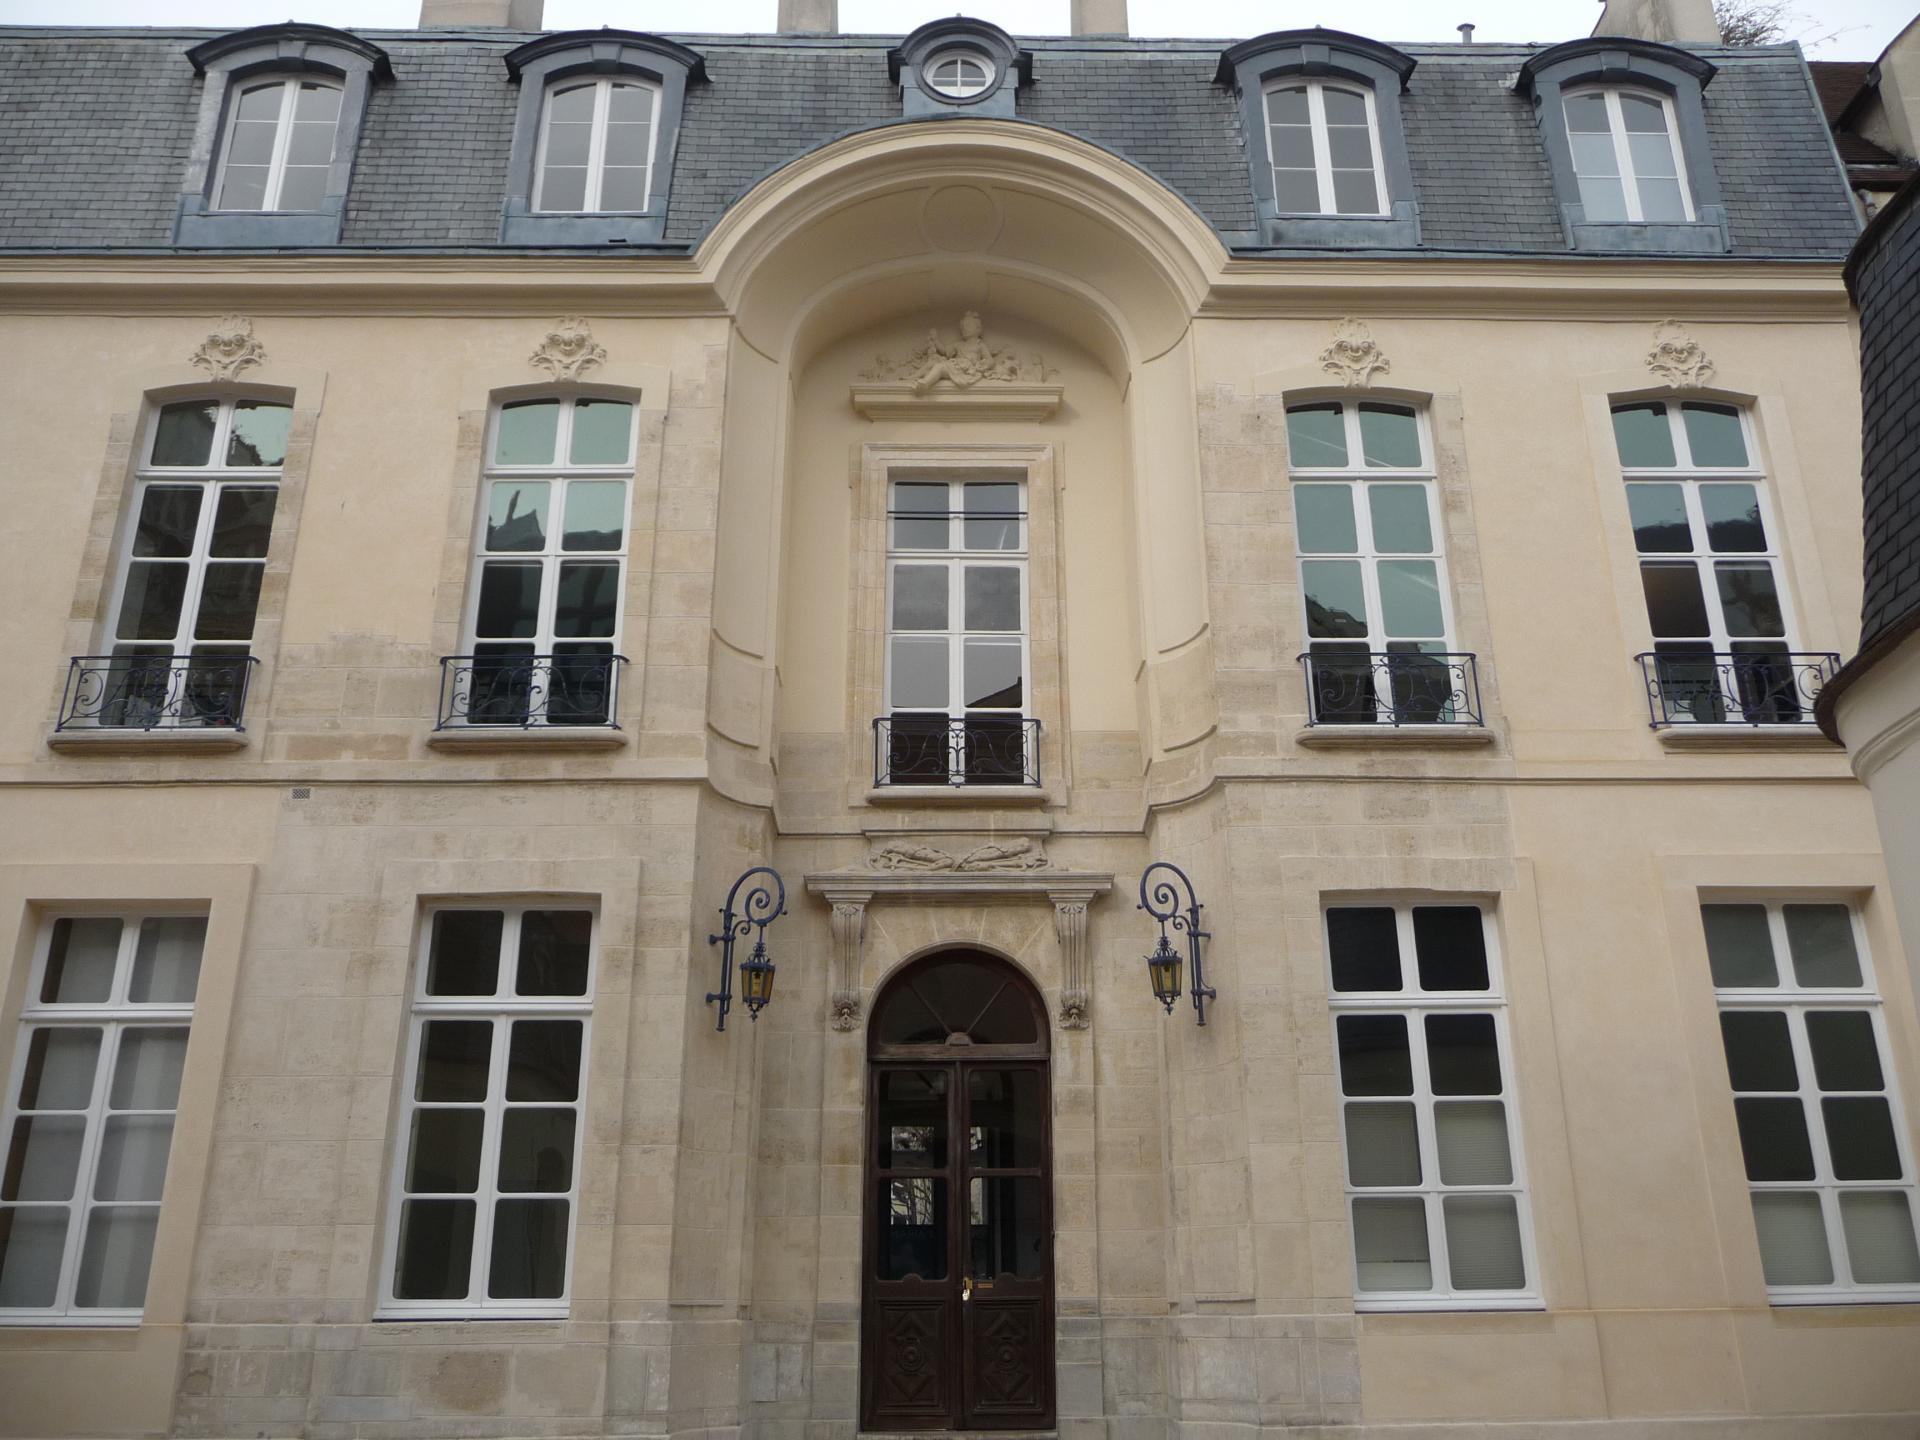 Pierre Delisle-Mansart : Hôtel Delisle-Mansart, rue Saint-Gilles, Paris, 1684-1685, cl. Ph. Cachau